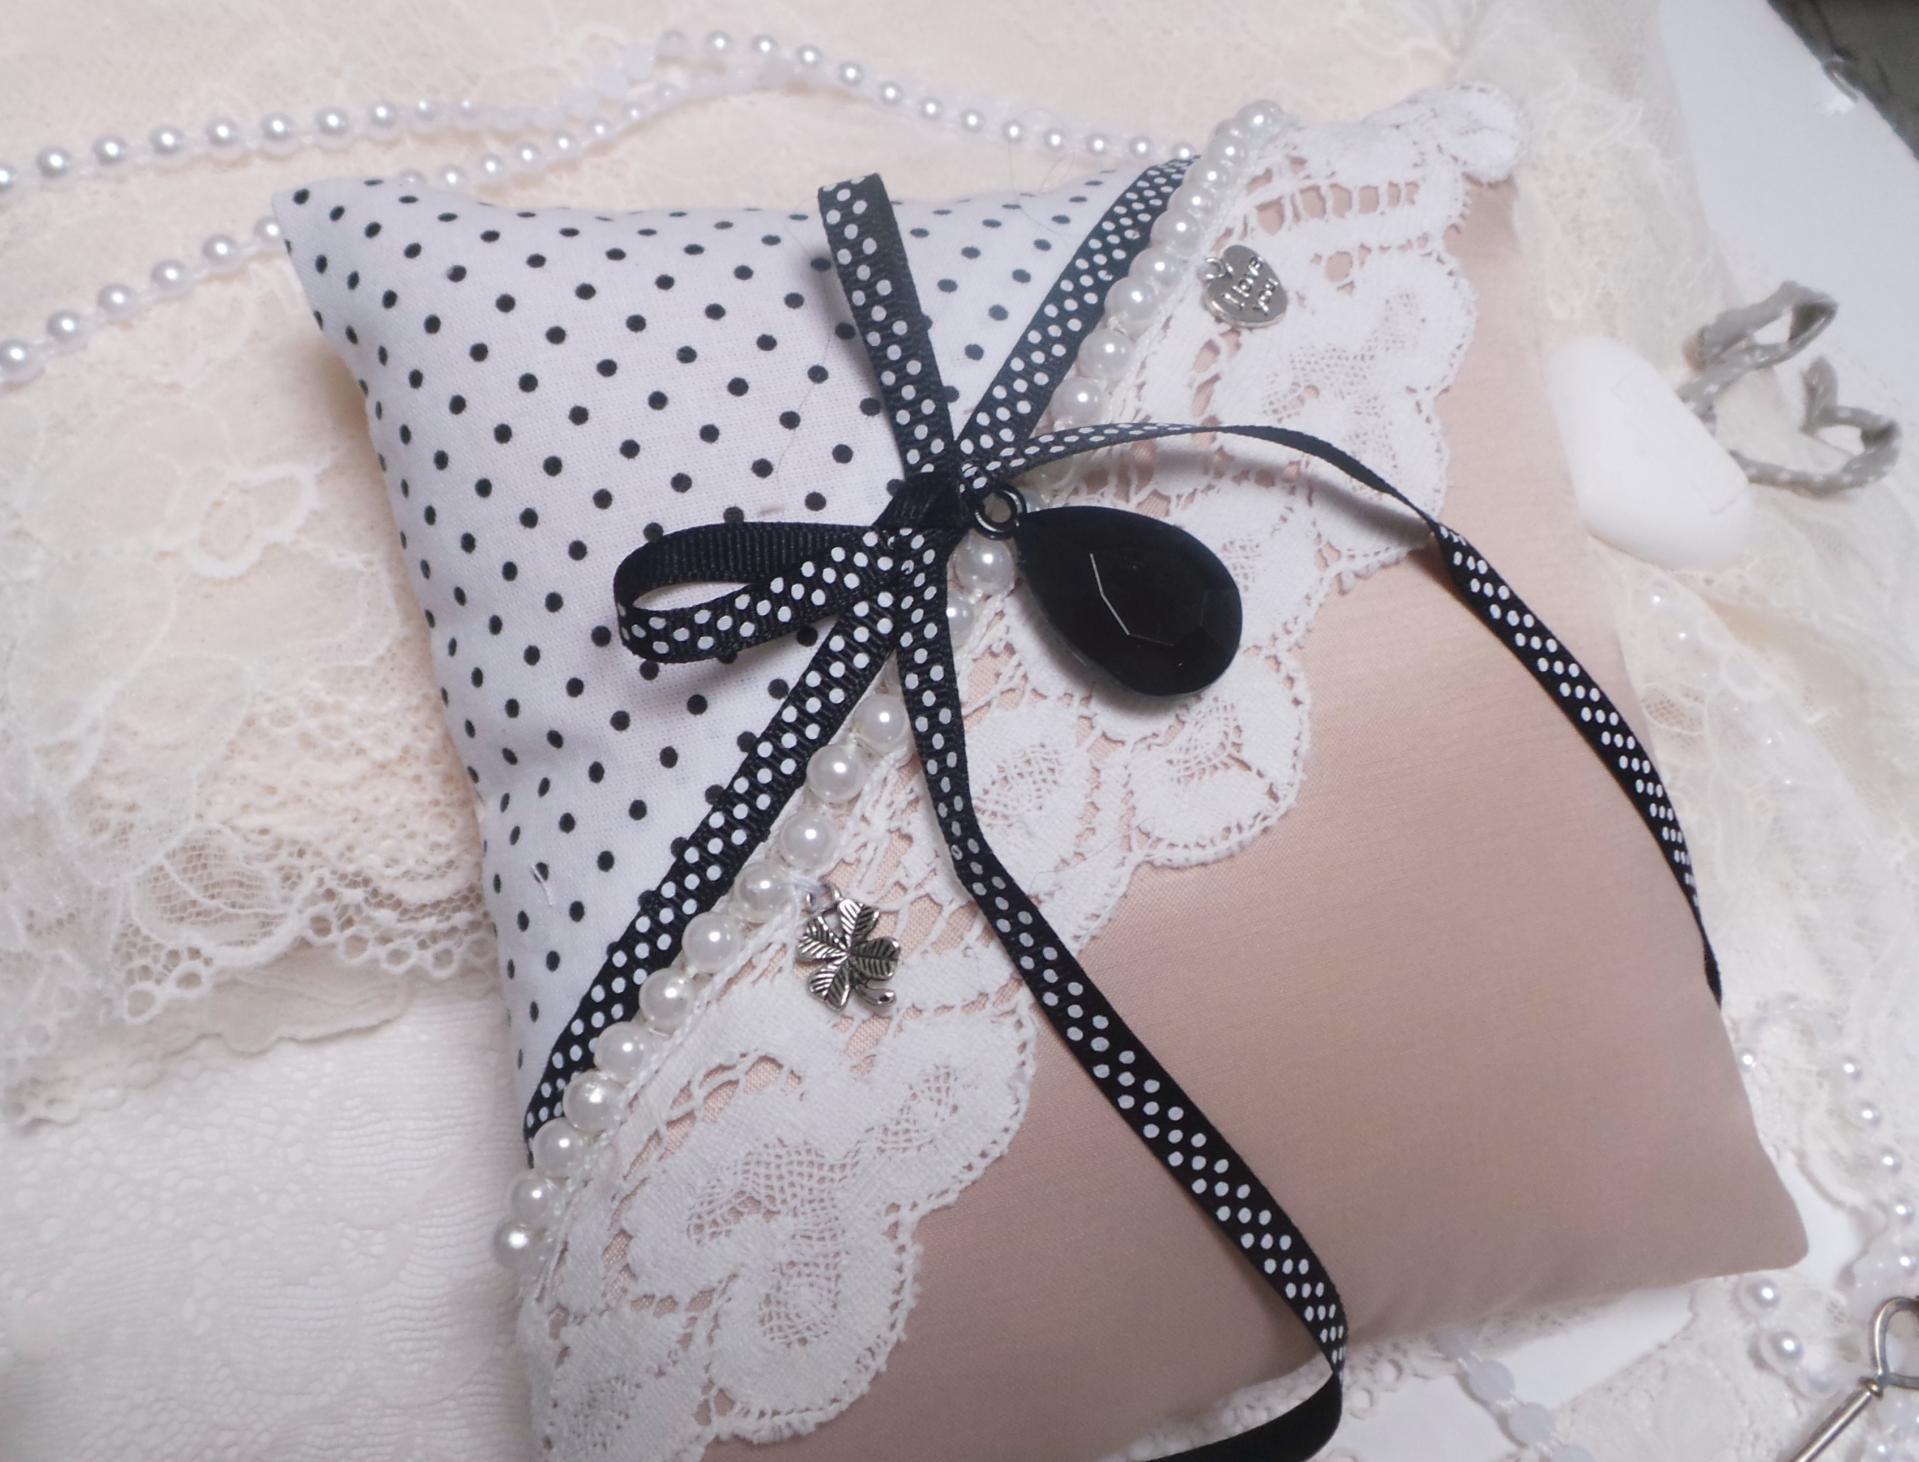 Coussin mariage vieux rose noir boudoir romantique vintage 2